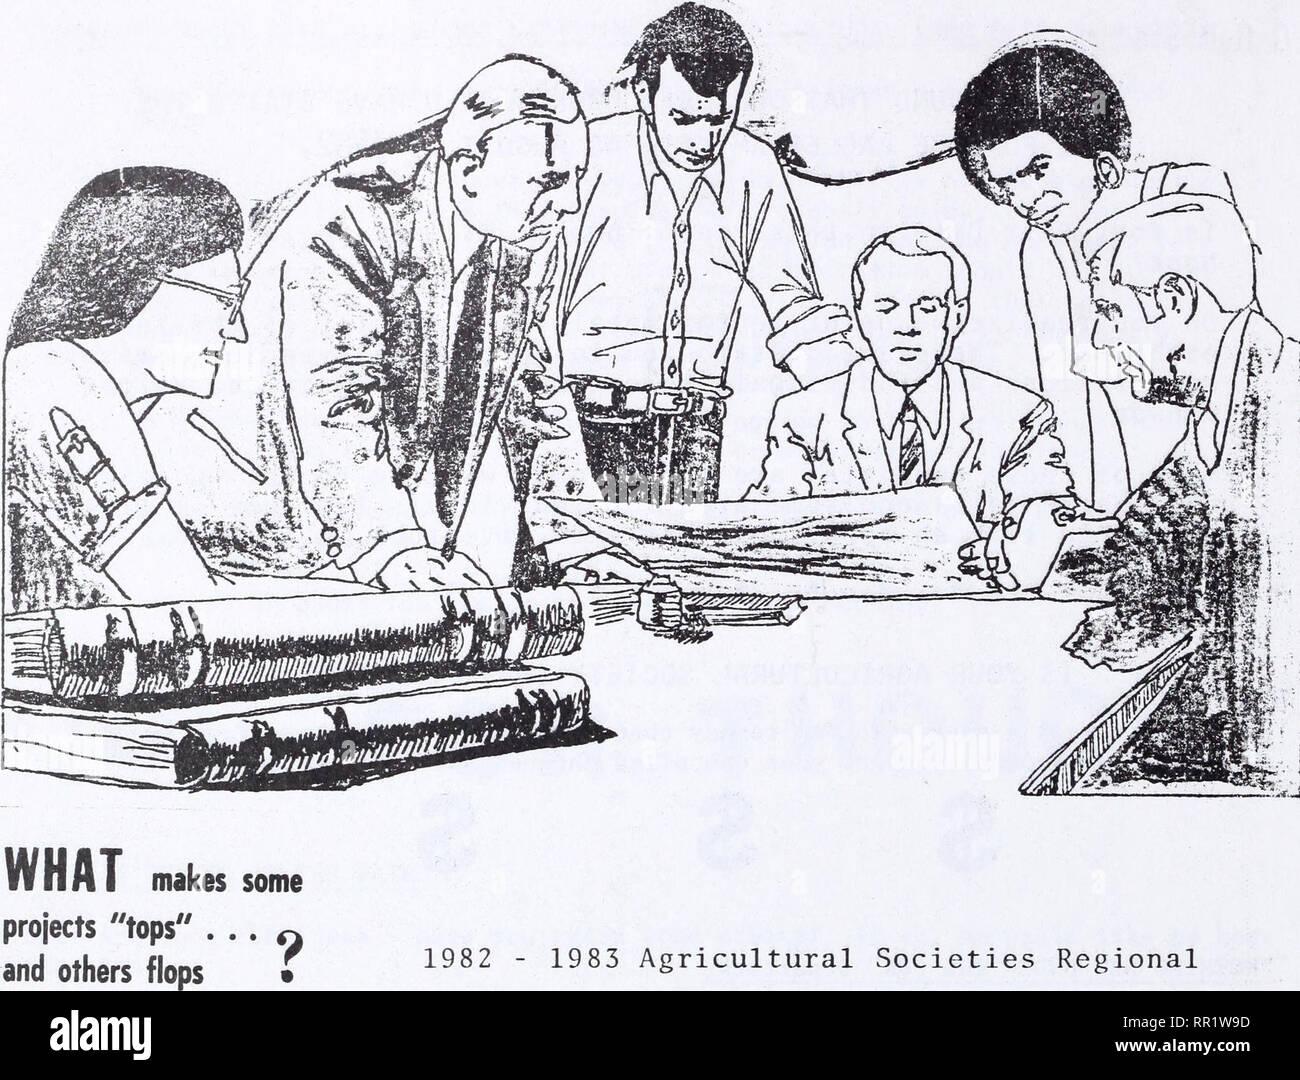 """. Las sociedades agrícolas boletín. La agricultura. Talleres ¿Cómo puede el tema hacer un programa cfick ... cuando otros fallan o marcar r este año en los Talleres Regionales es """"HACER QUE LAS COSAS SUCEDAN"""" ^® estará centrado en las técnicas para la acción ffllT es uno y vamos a pedir a la sociedad agrícola de la comunidad dele muertos . . Puertas para bajar a los detalles específicos sobre planificación y mientras otros o la aplicación de una idea. Avanzar •. Por favor tenga en cuenta que estas imágenes son extraídas de la página escaneada imágenes que podrían haber sido mejoradas digitalmente para mejorar la legibilidad, la coloración y el aspecto de estos illustrati Imagen De Stock"""